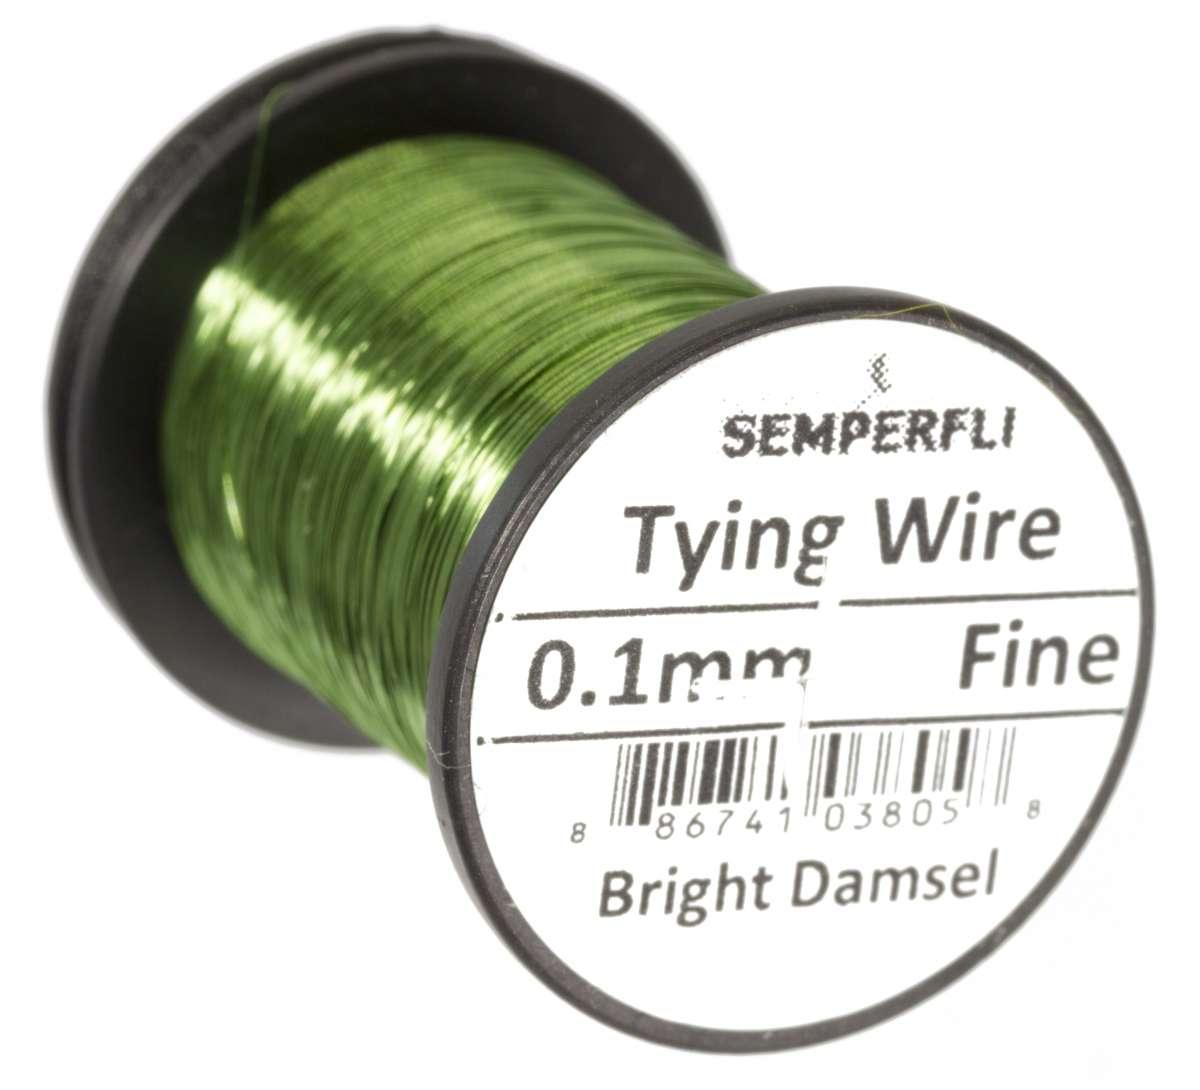 finewire bright damsel green